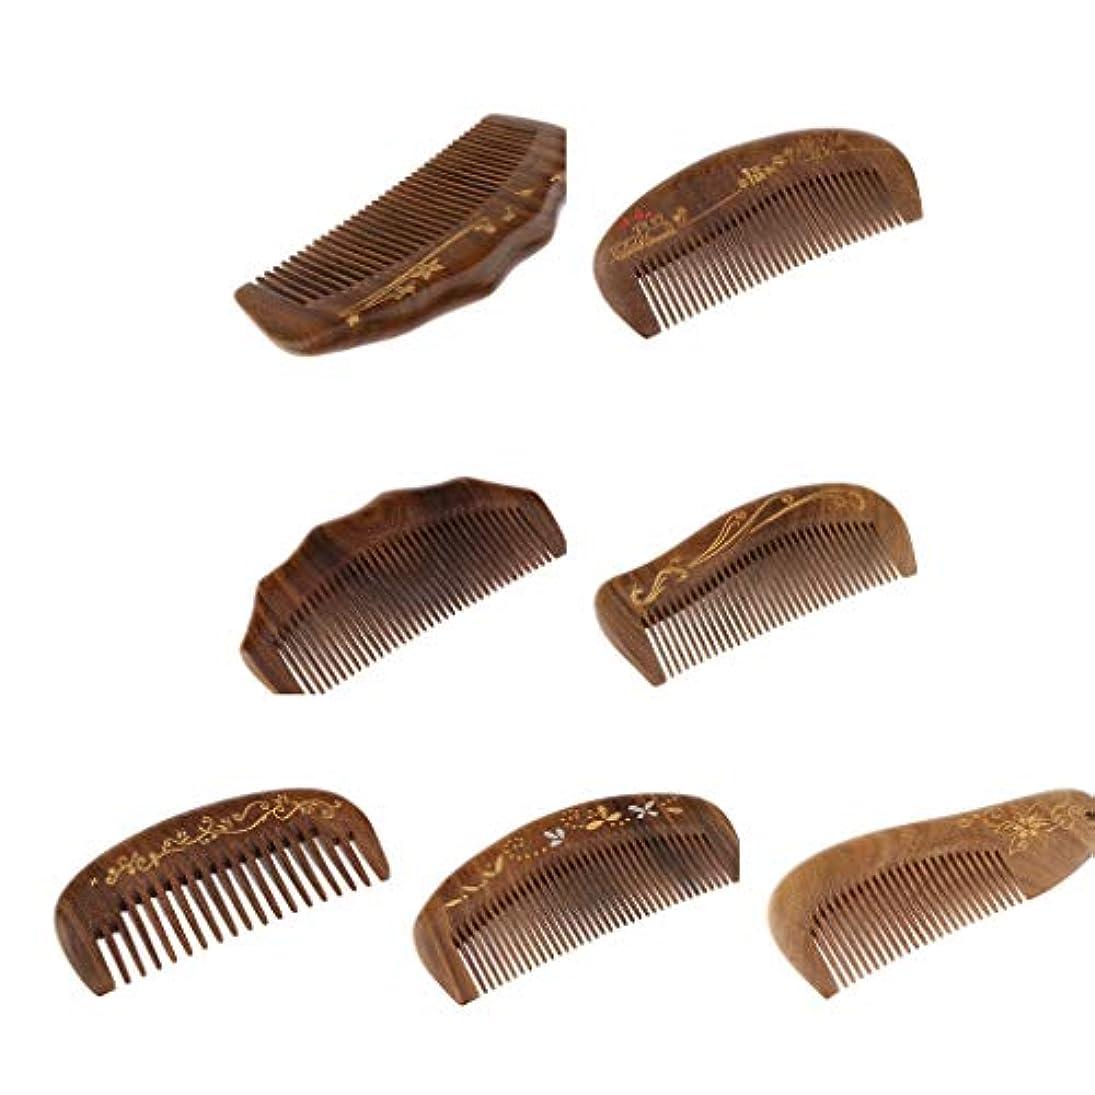 管理者控える持っているP Prettyia 7個 静電防止 ナチュラル 細かい歯 木製 ヘアマッサージコーム ヘアブラシ